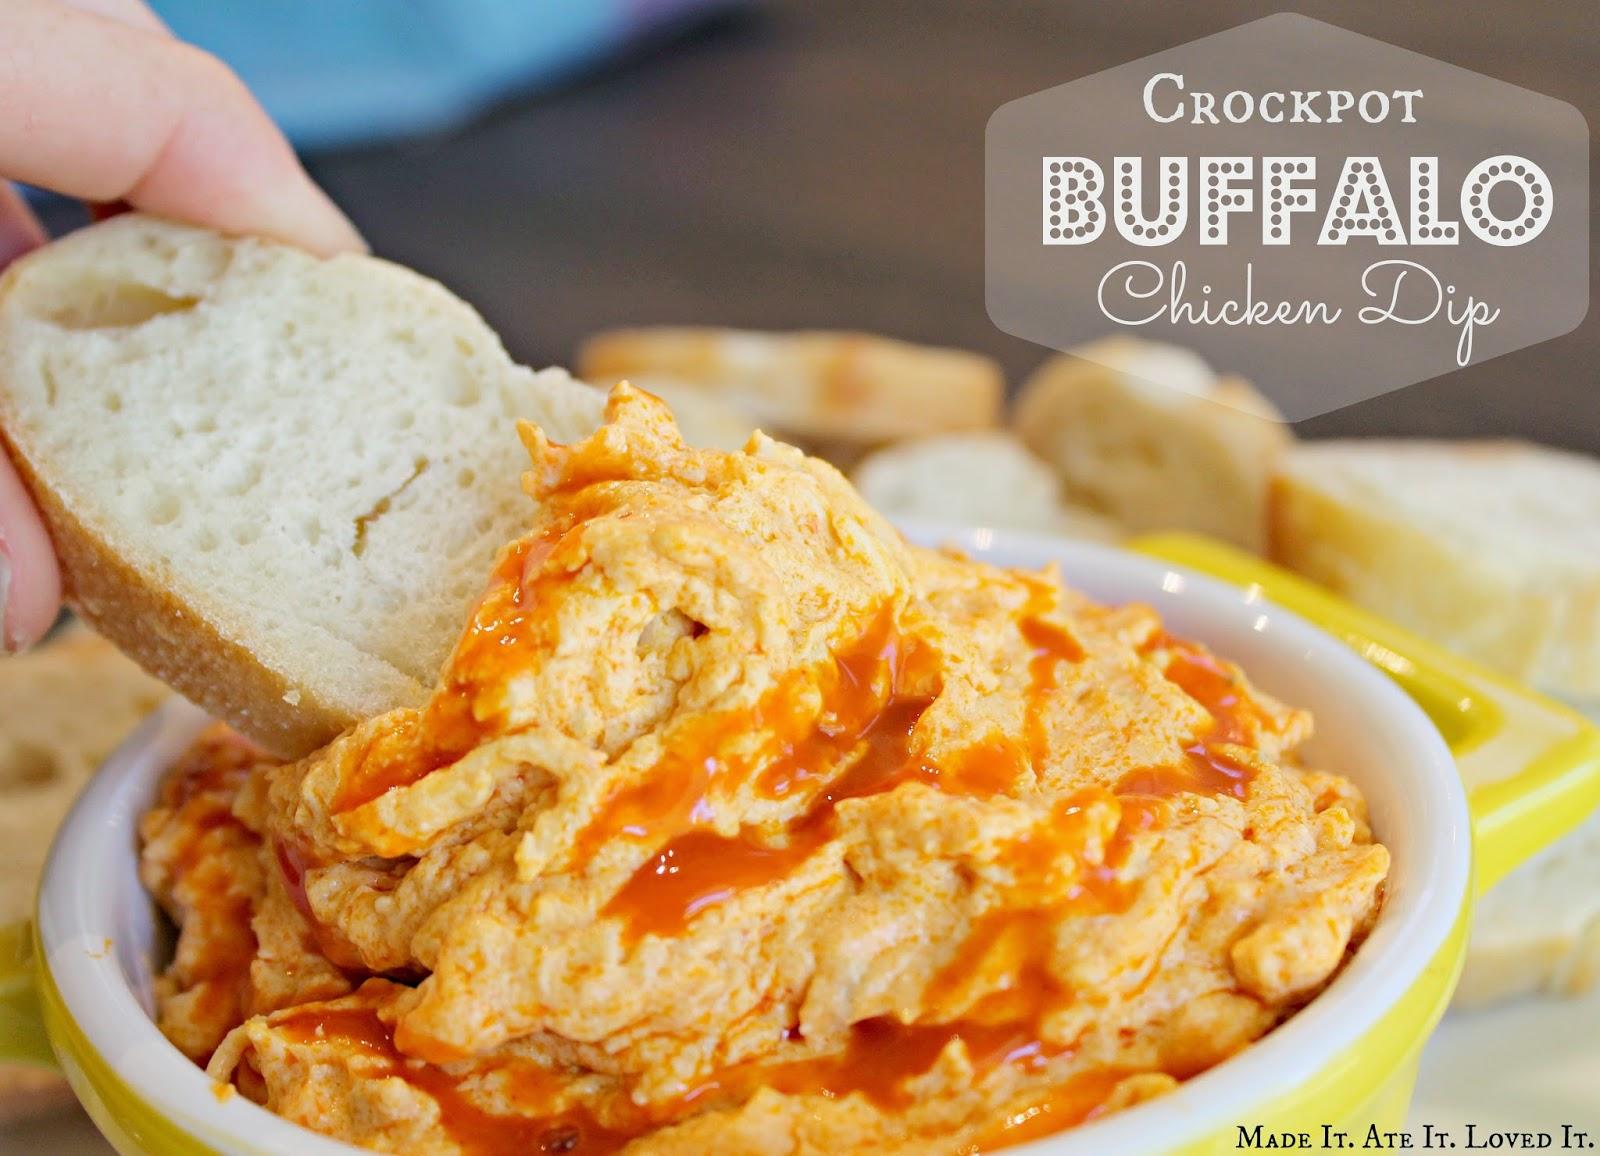 Made It Ate It Loved It Crockpot Buffalo Chicken Dip